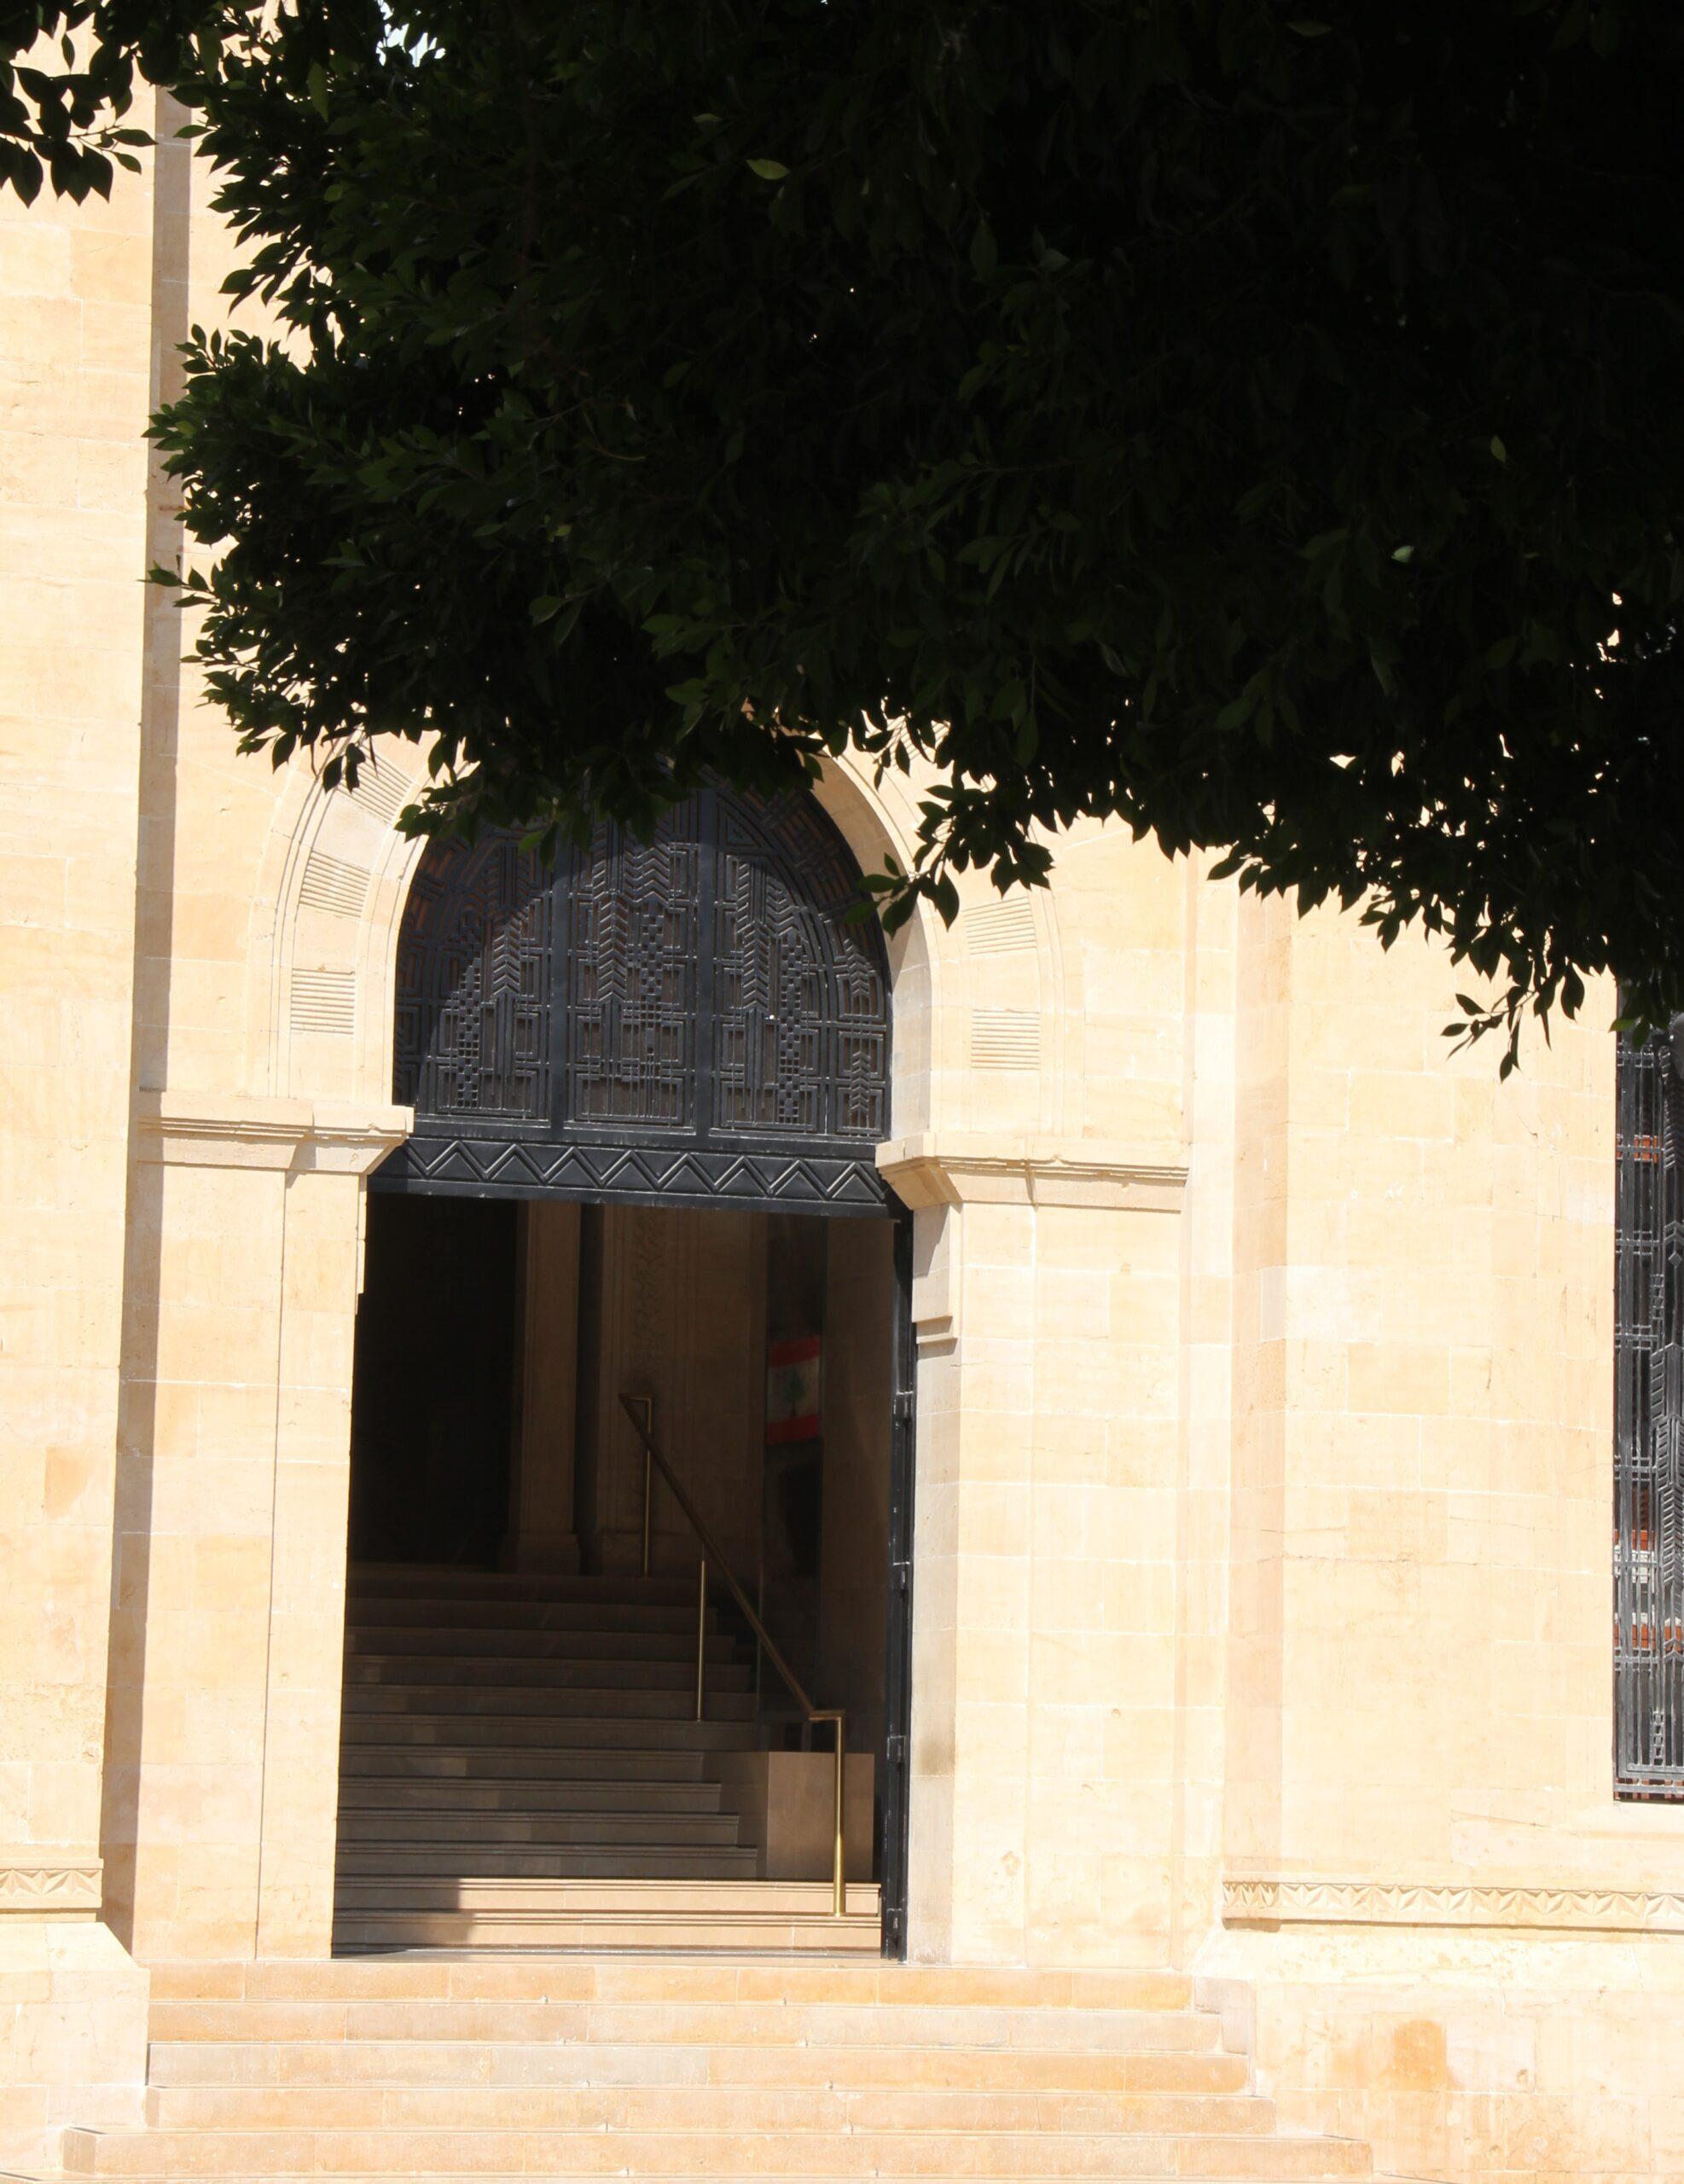 ماذا سيناقش البرلمان اللبناني غدا؟  مقترحات لتشجيع الصناعة والزراعة والاستثمار في لبنان:  خطوات ضعيفة وانعدام أي رؤية متكاملة